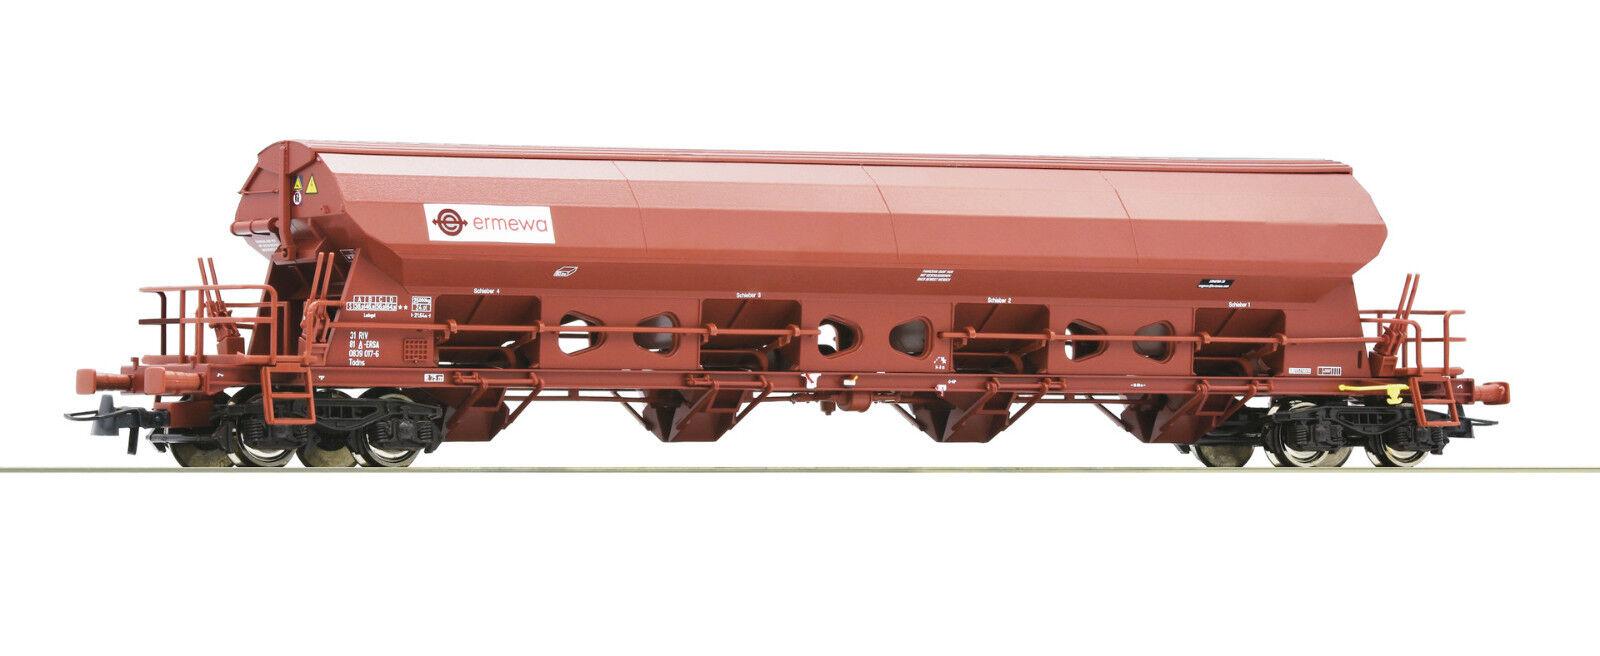 Roco h0 76412-schwenkdachwagen, ermewa, EP. vi mercancía nueva